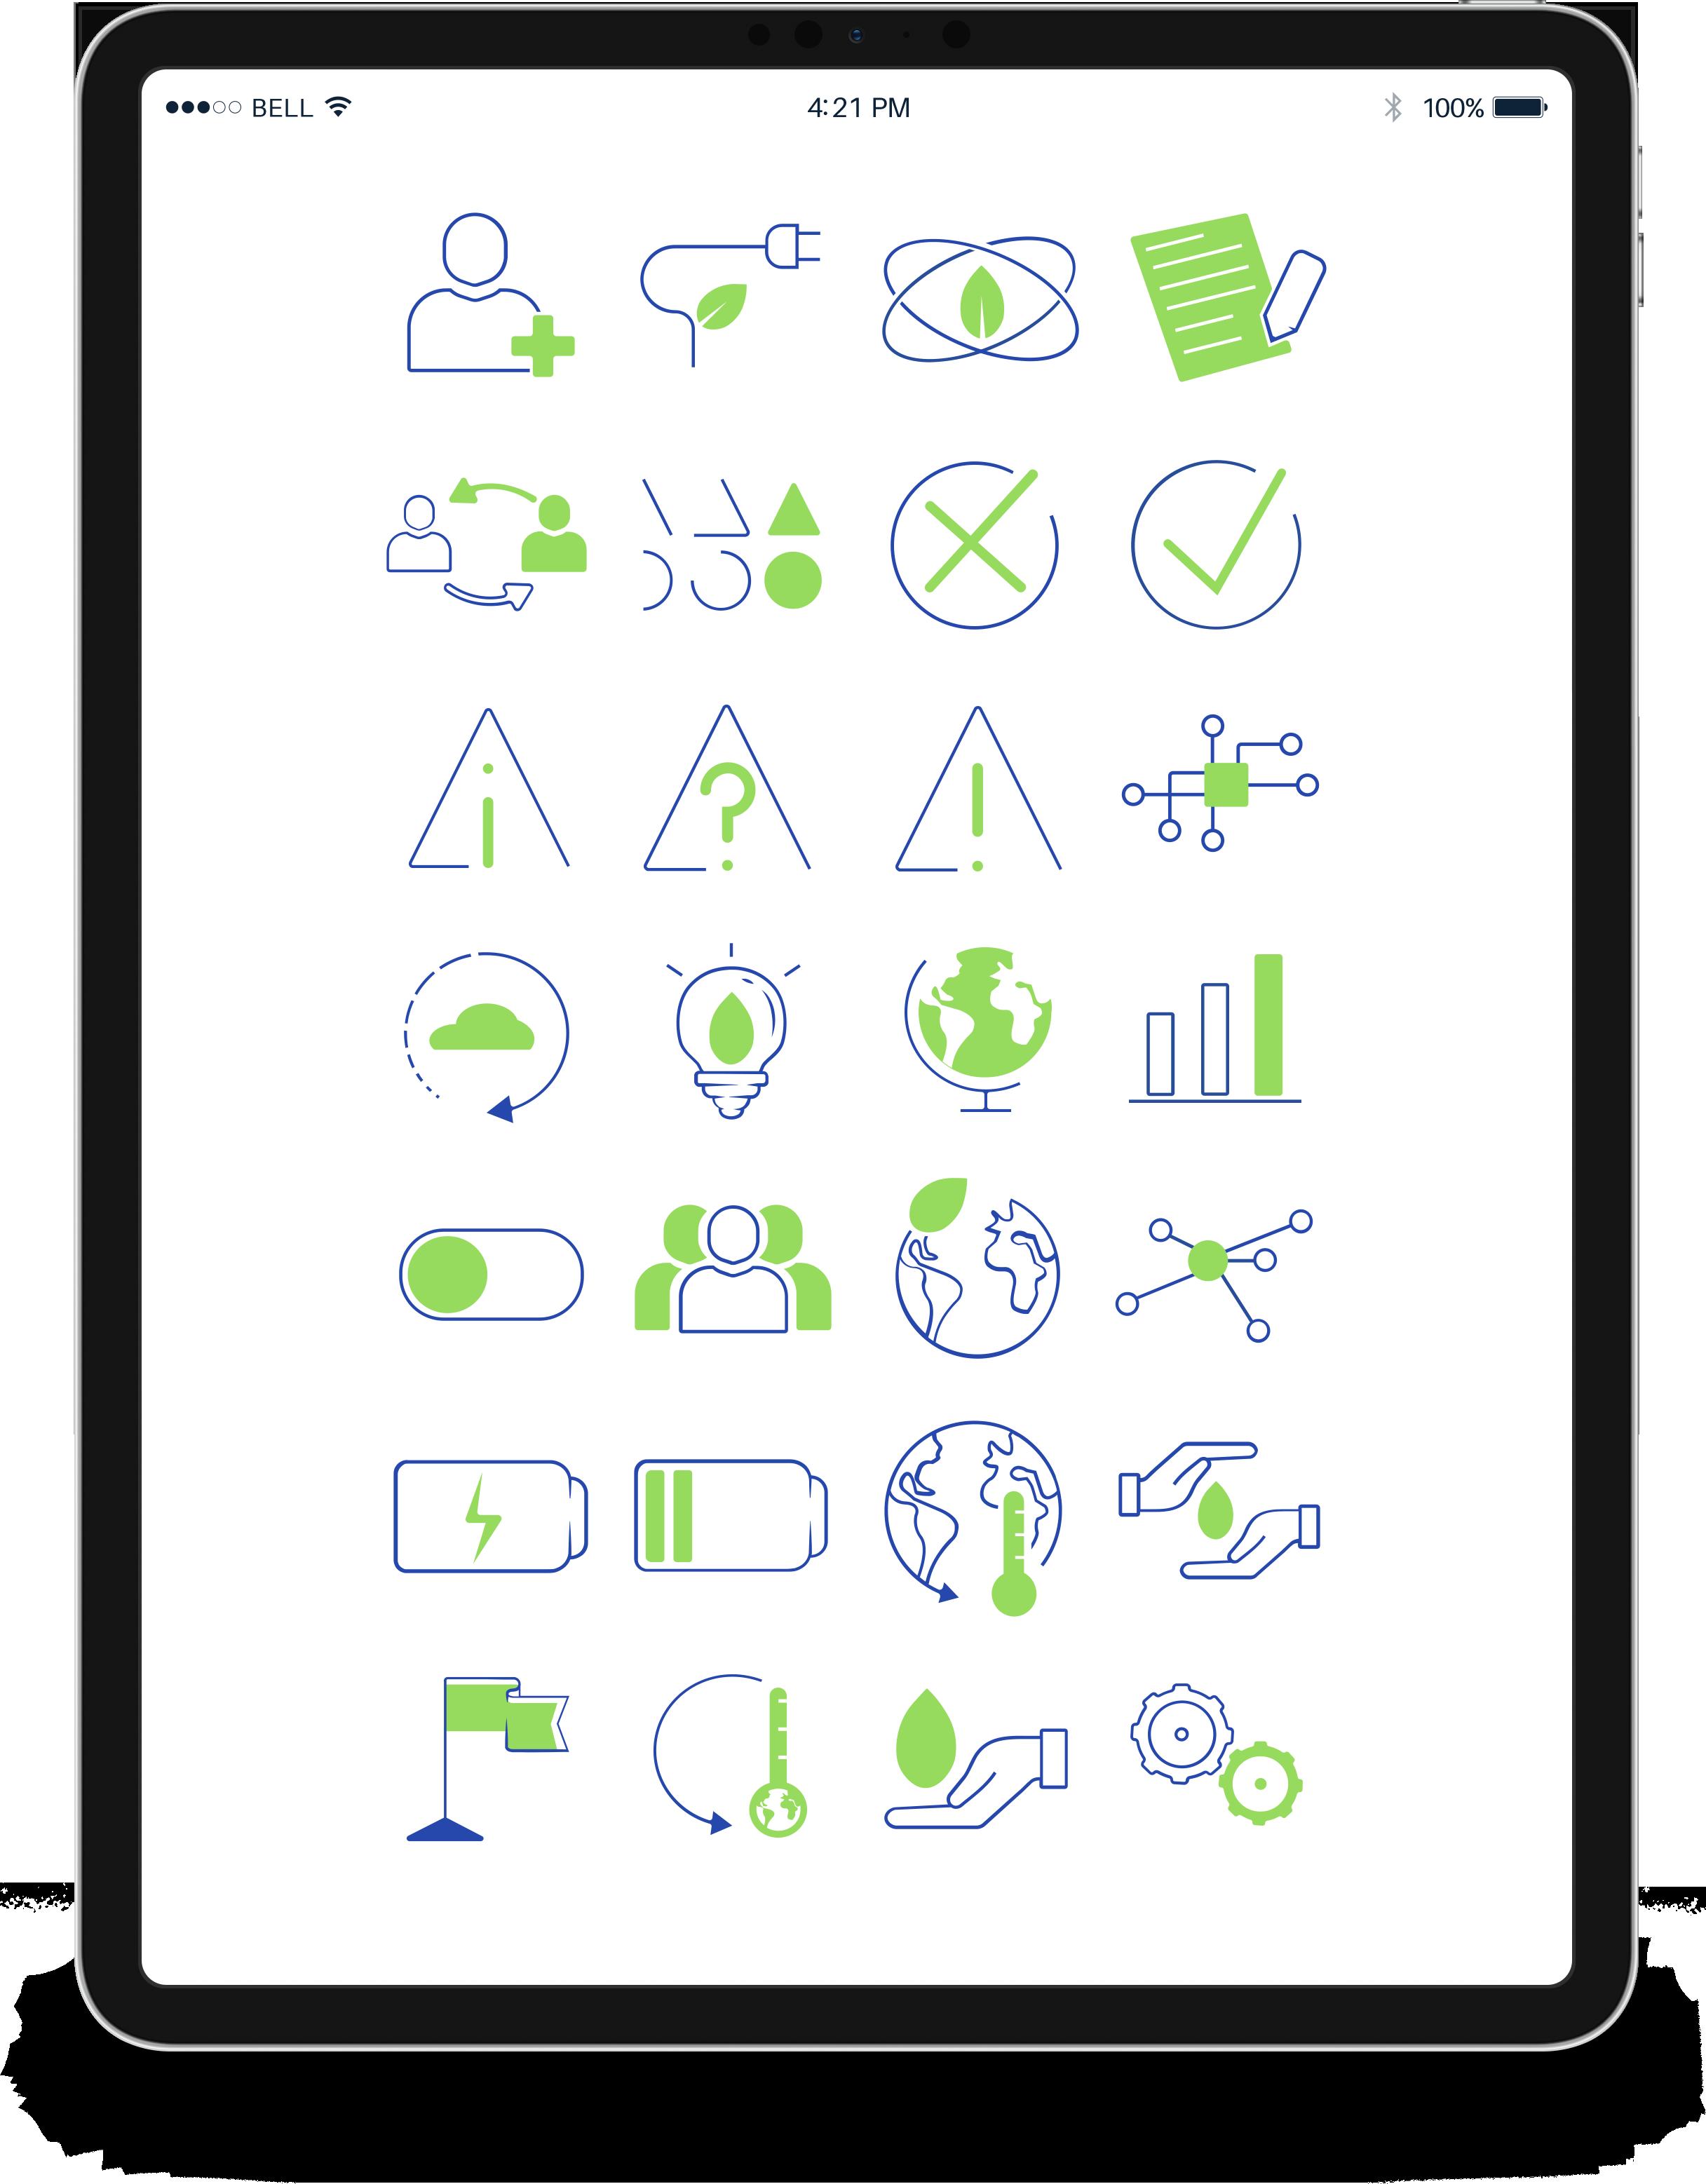 Visuel avec tous les pictogrammes